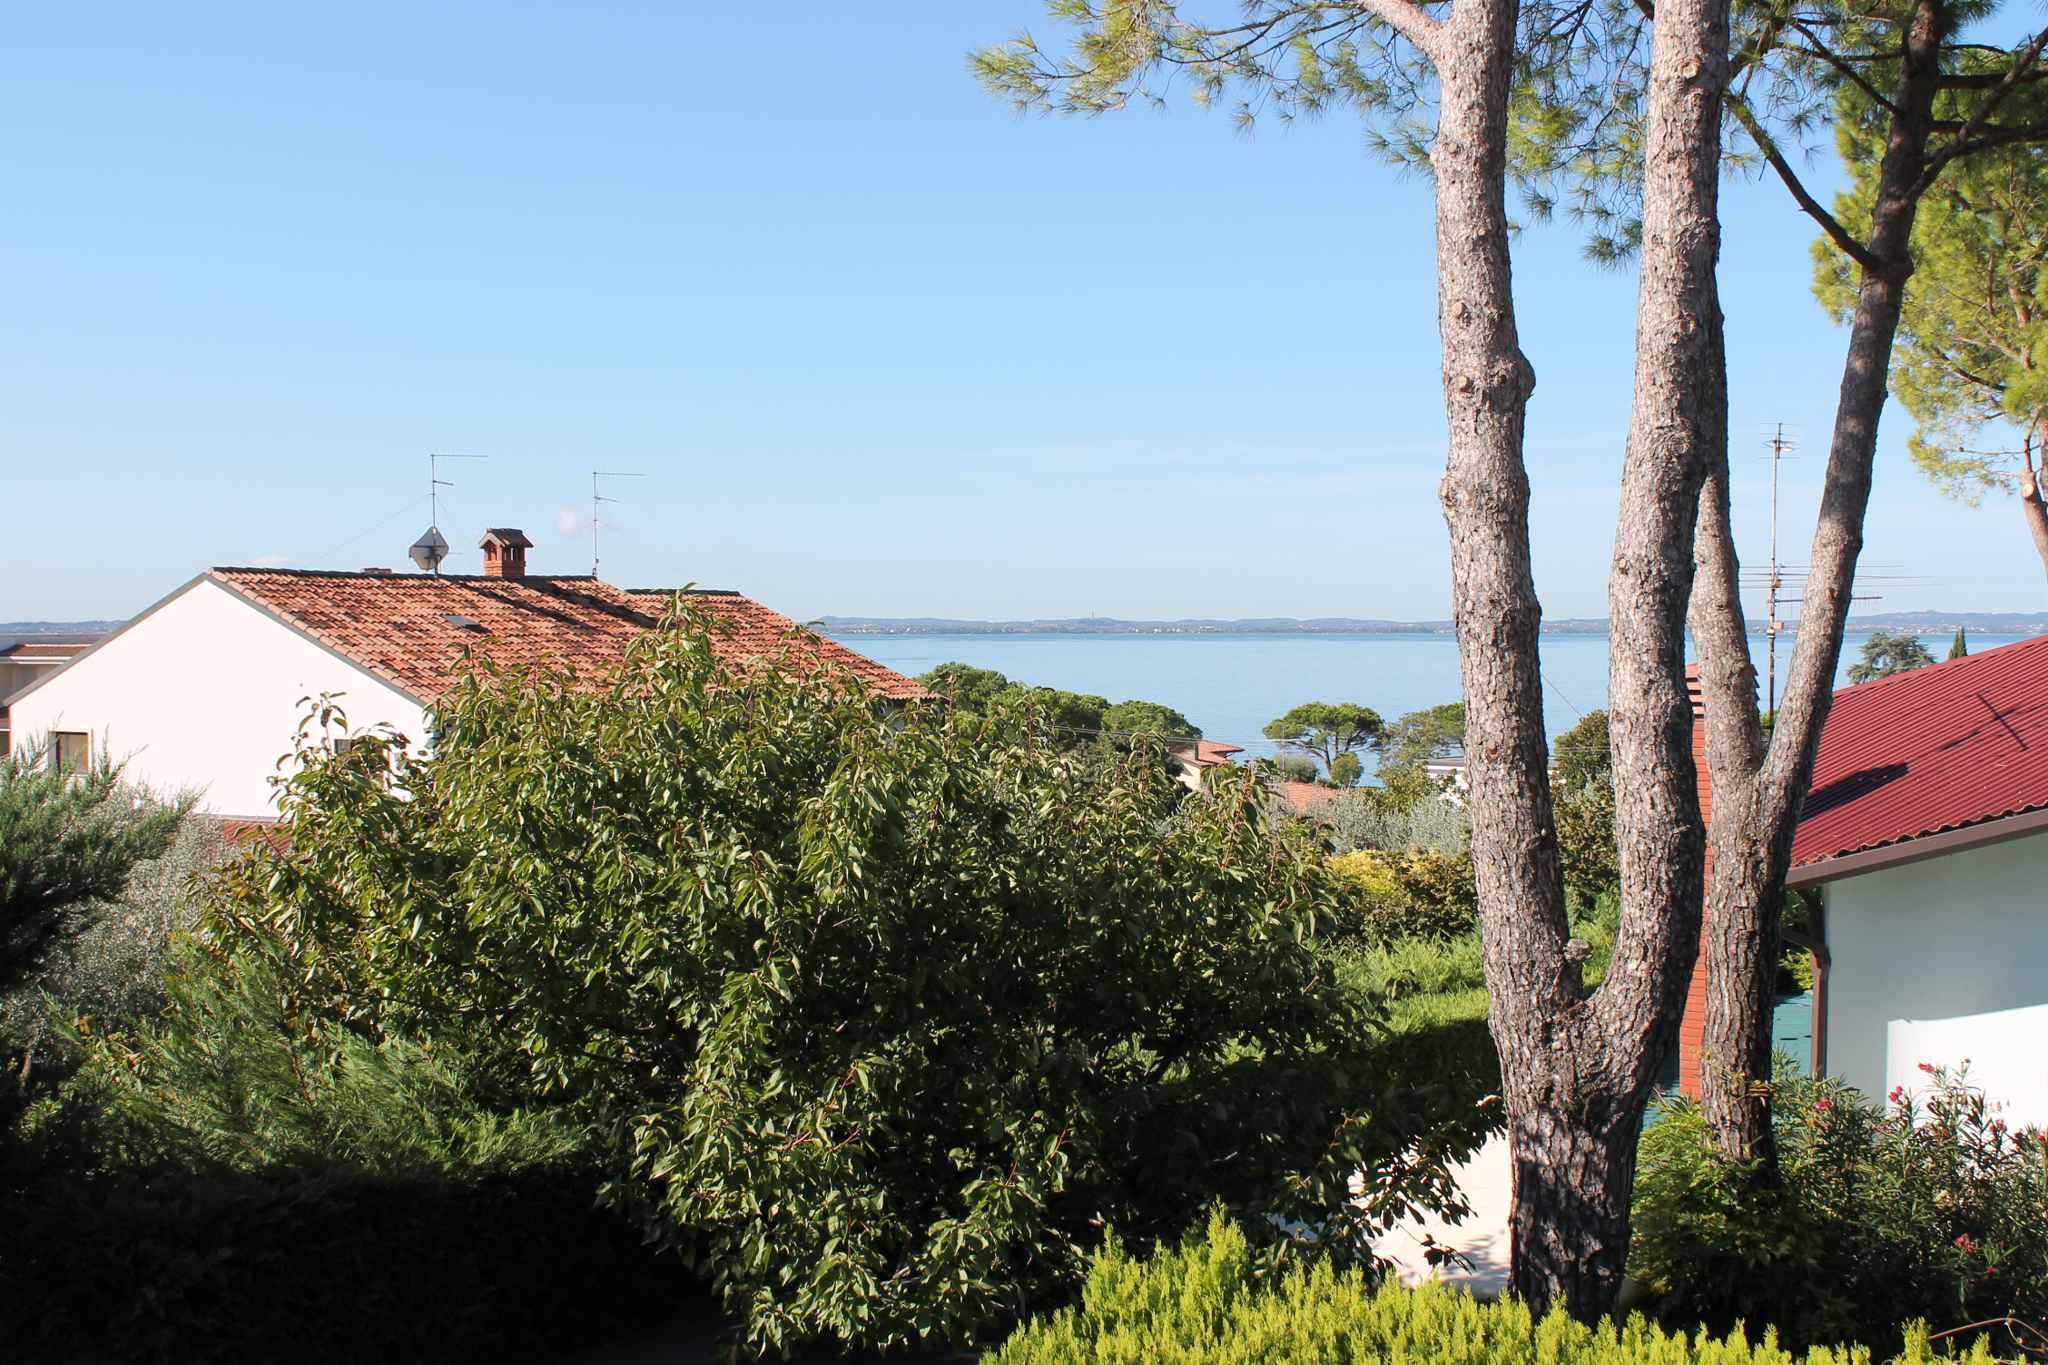 Ferienwohnung con piscina (488636), Lazise, Gardasee, Venetien, Italien, Bild 3